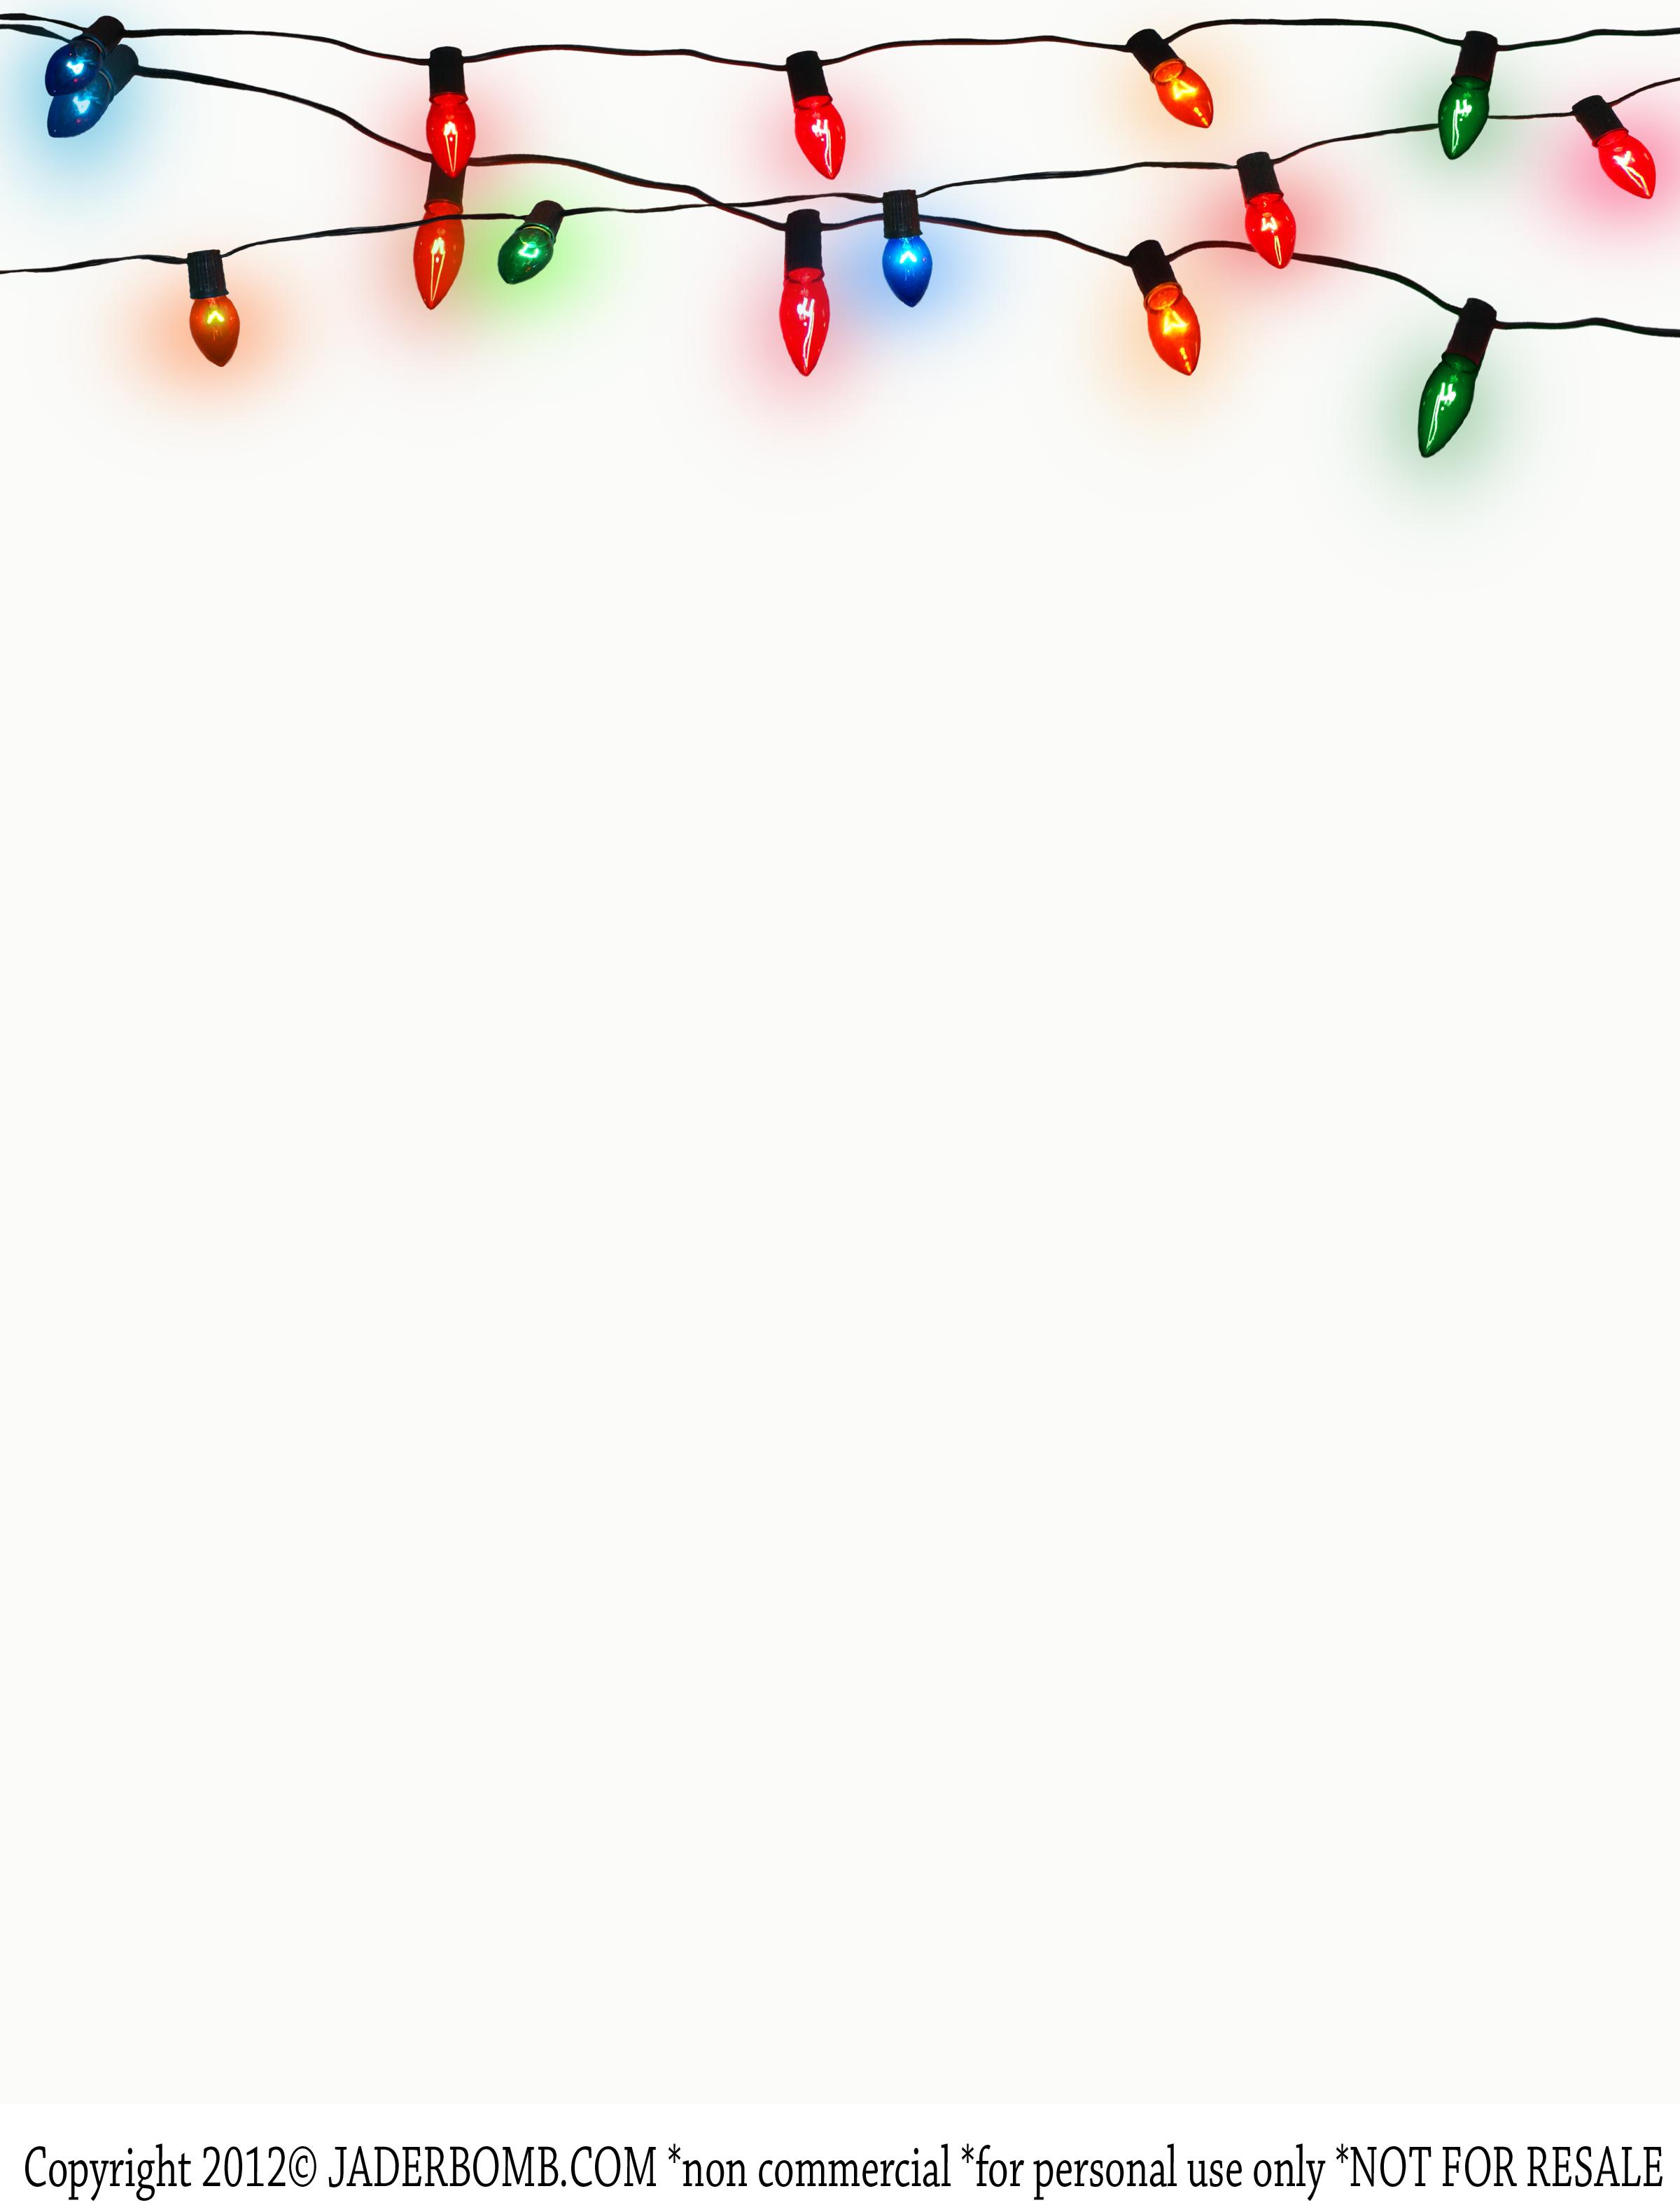 Vintage Christmas Light's Printable - JADERBOMB